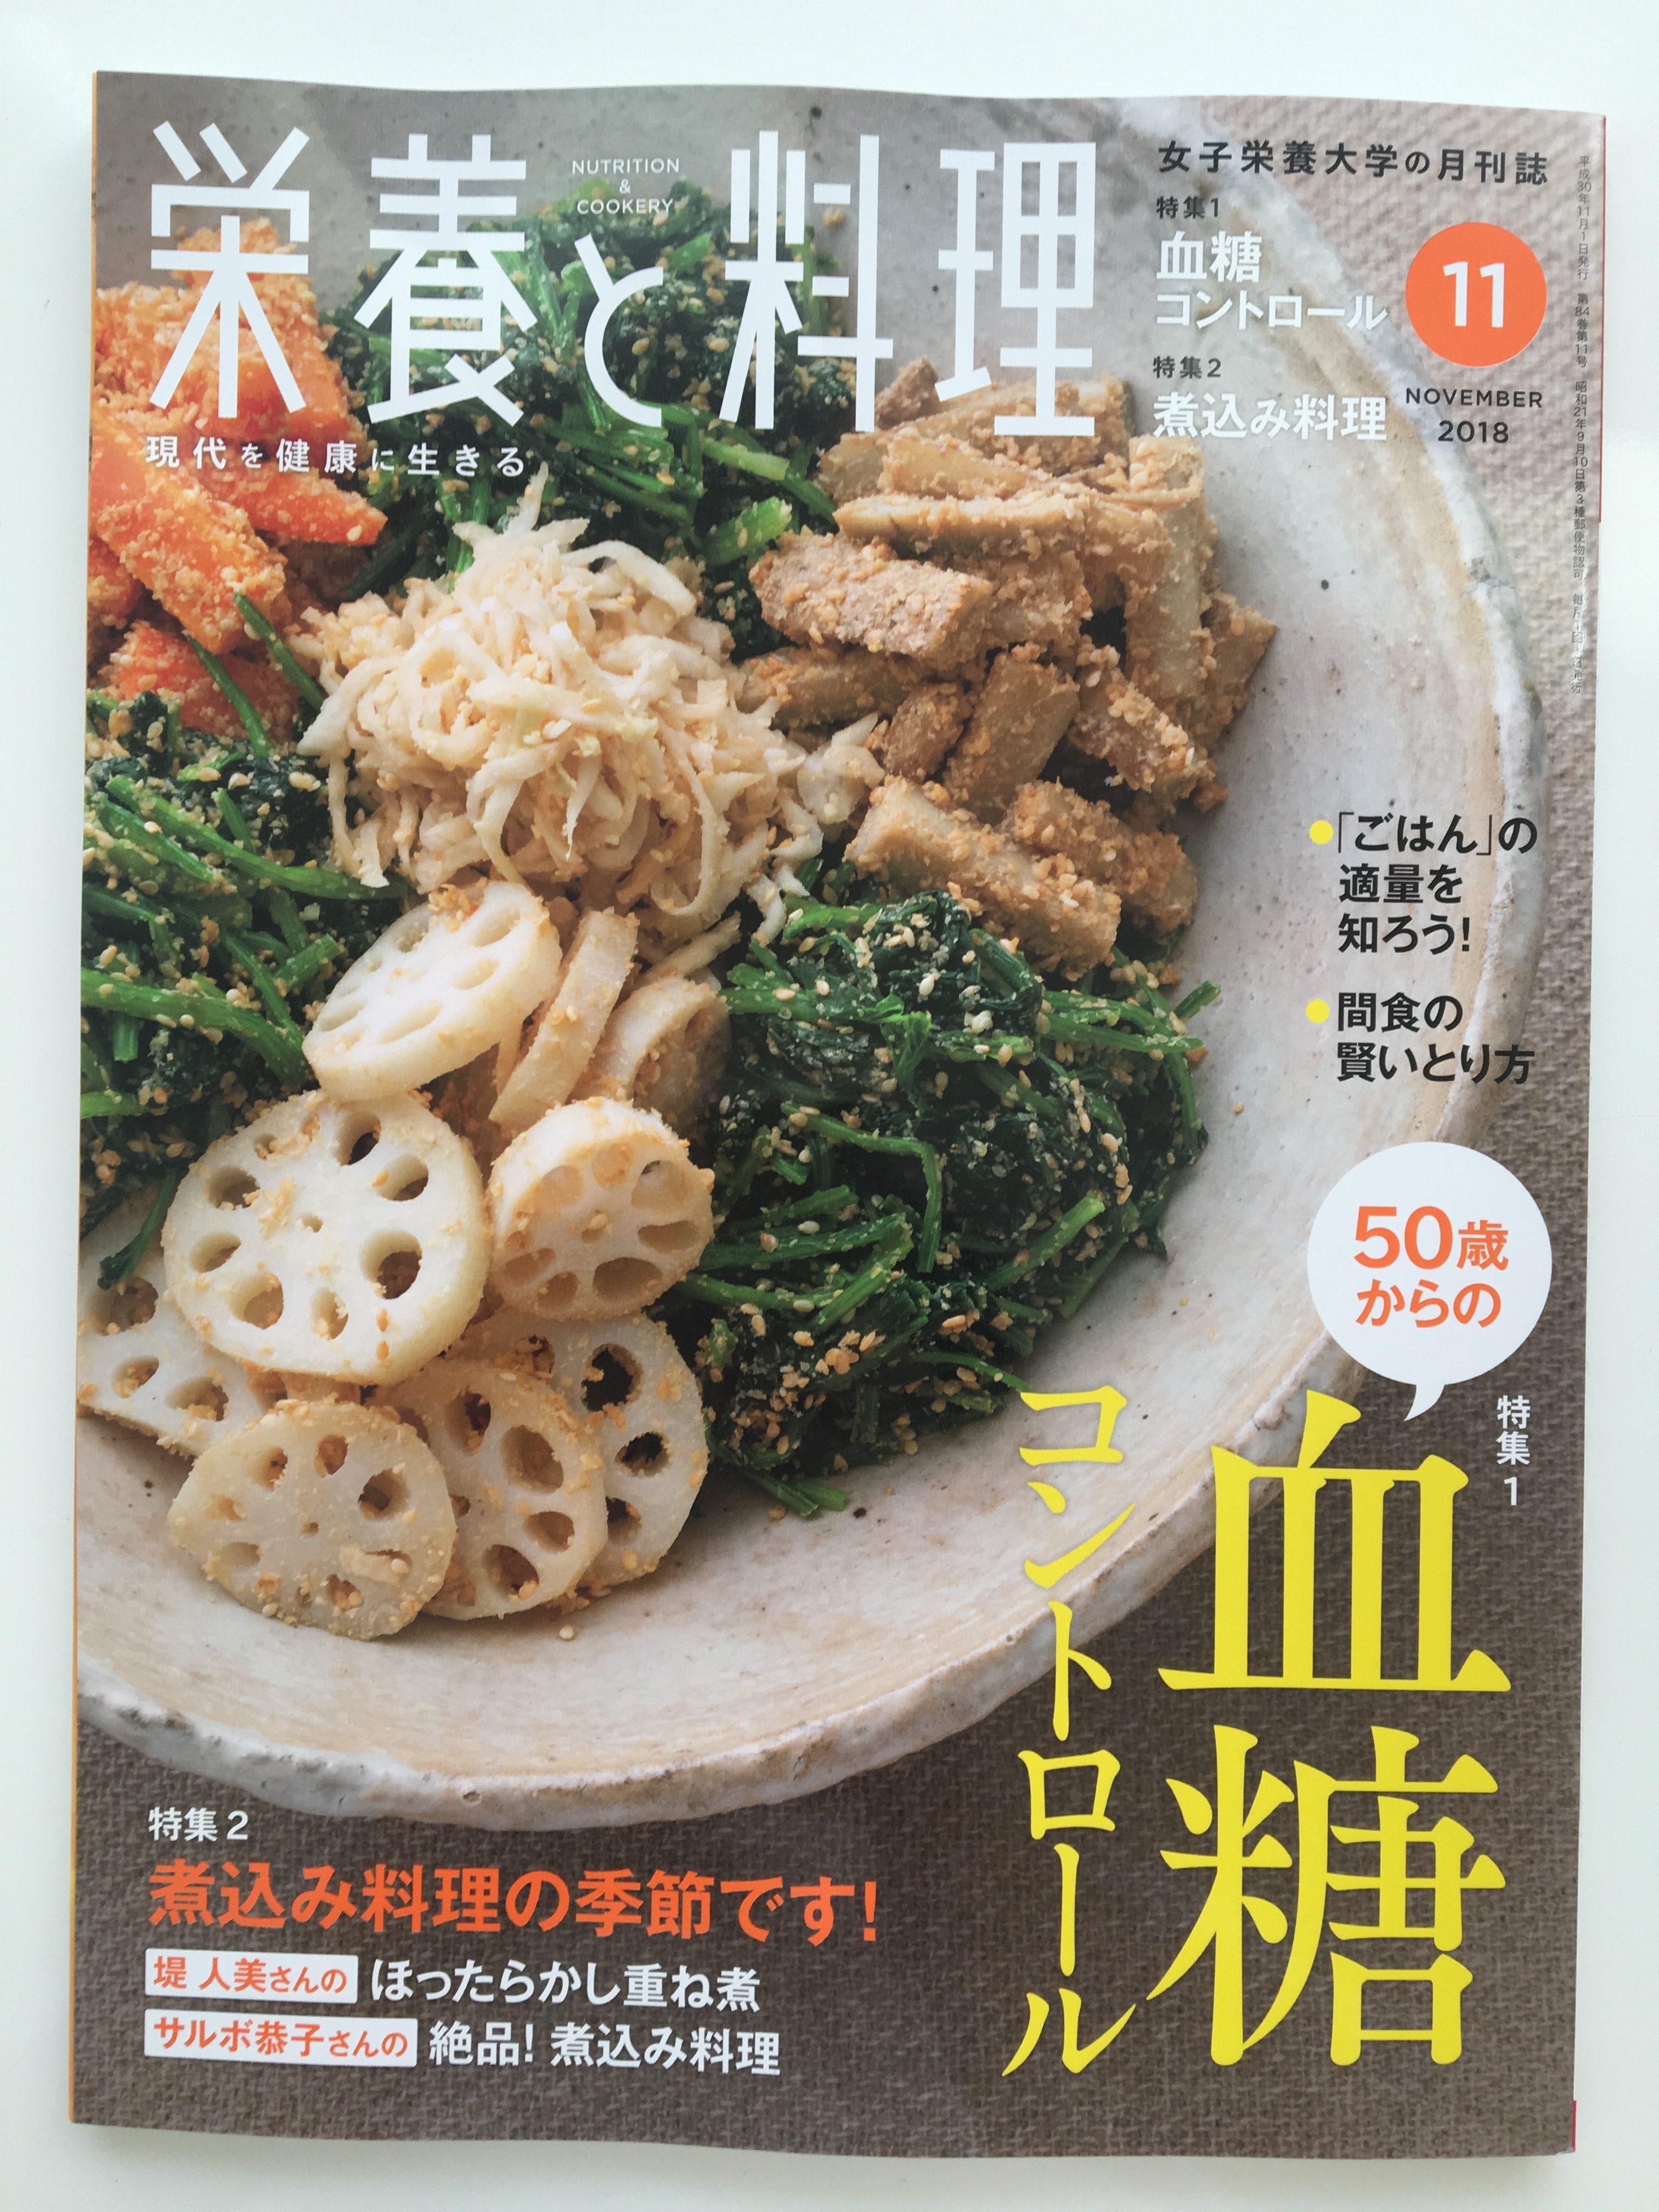 【レシピ掲載;栄養と料理11月号】間食の賢い取り方;50歳からの血糖コントロール